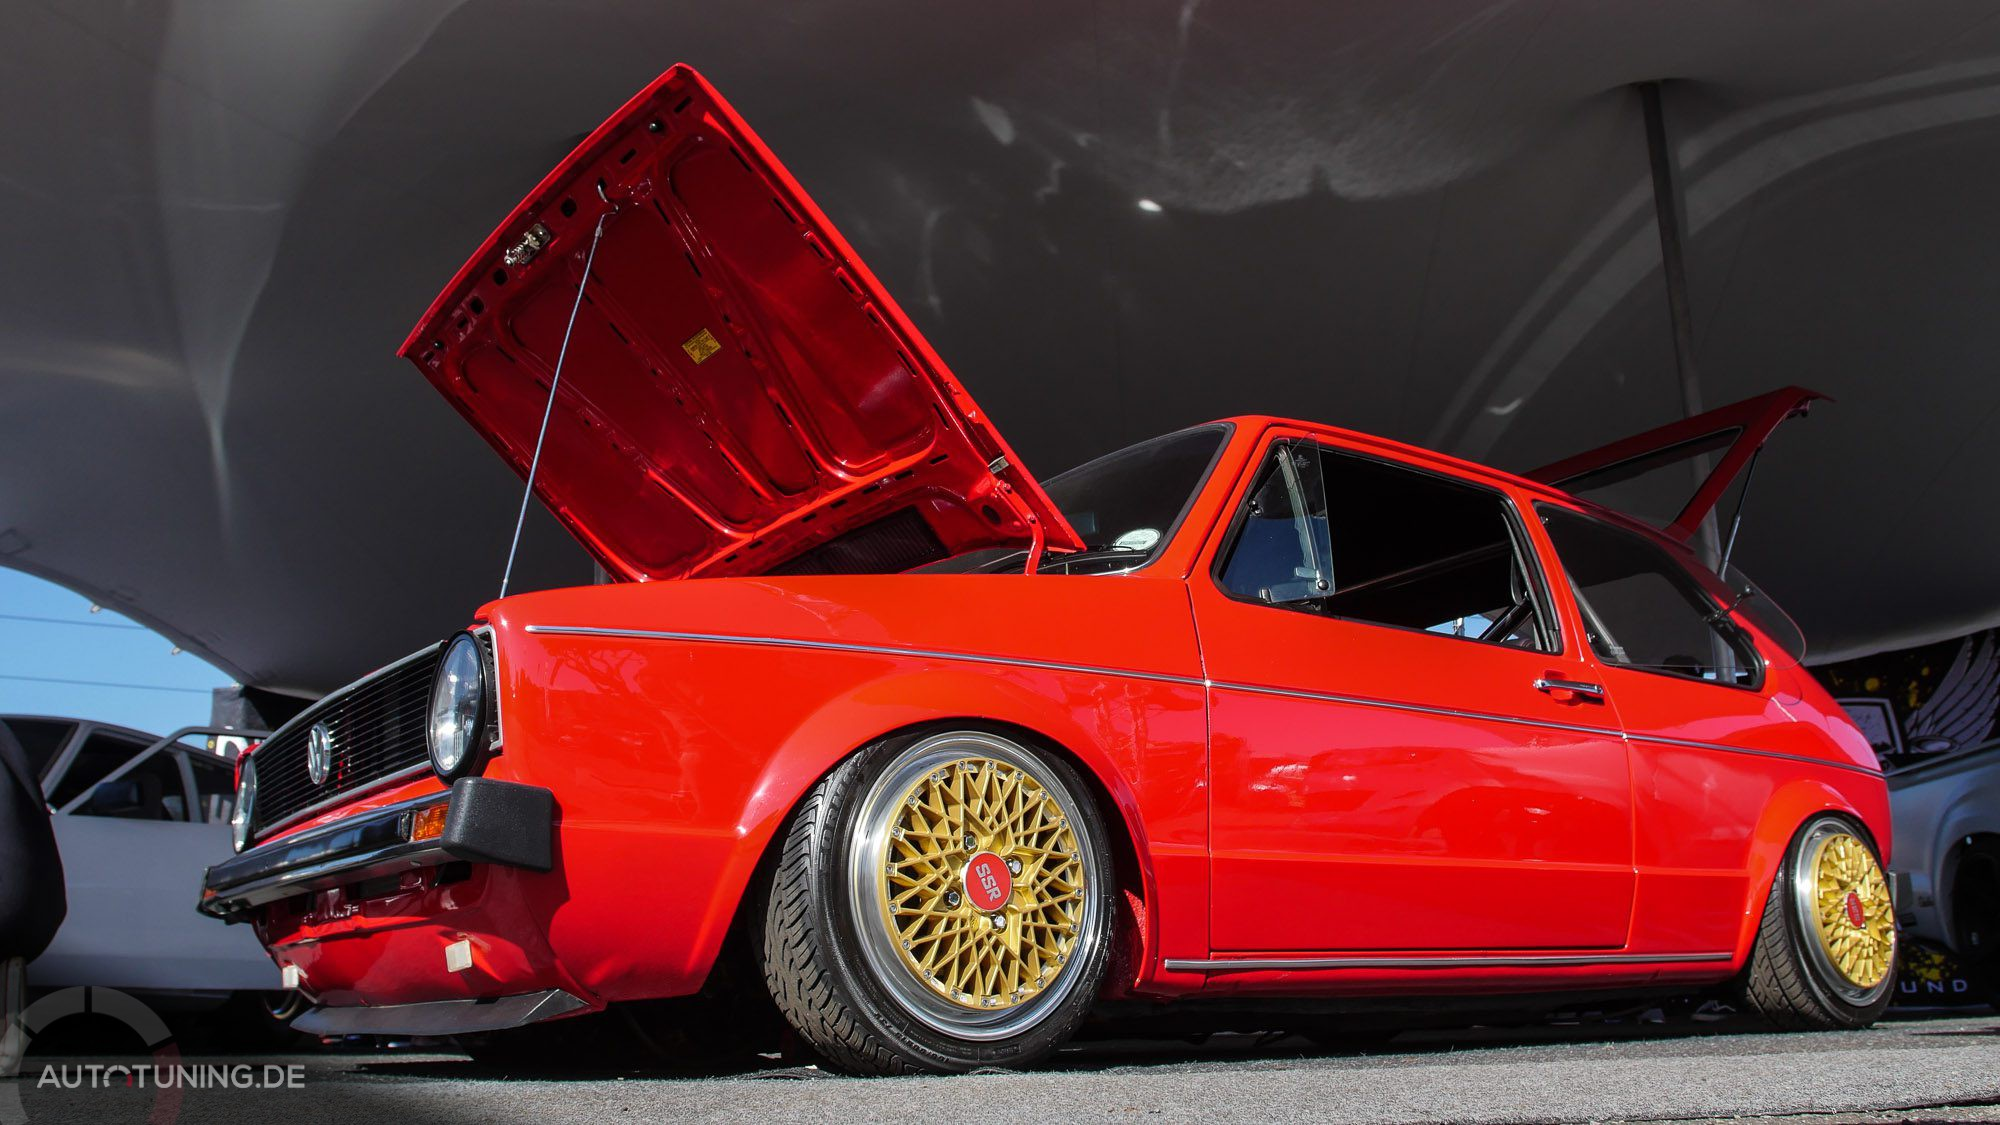 Markante rote Farbe beim VW Golf MK1